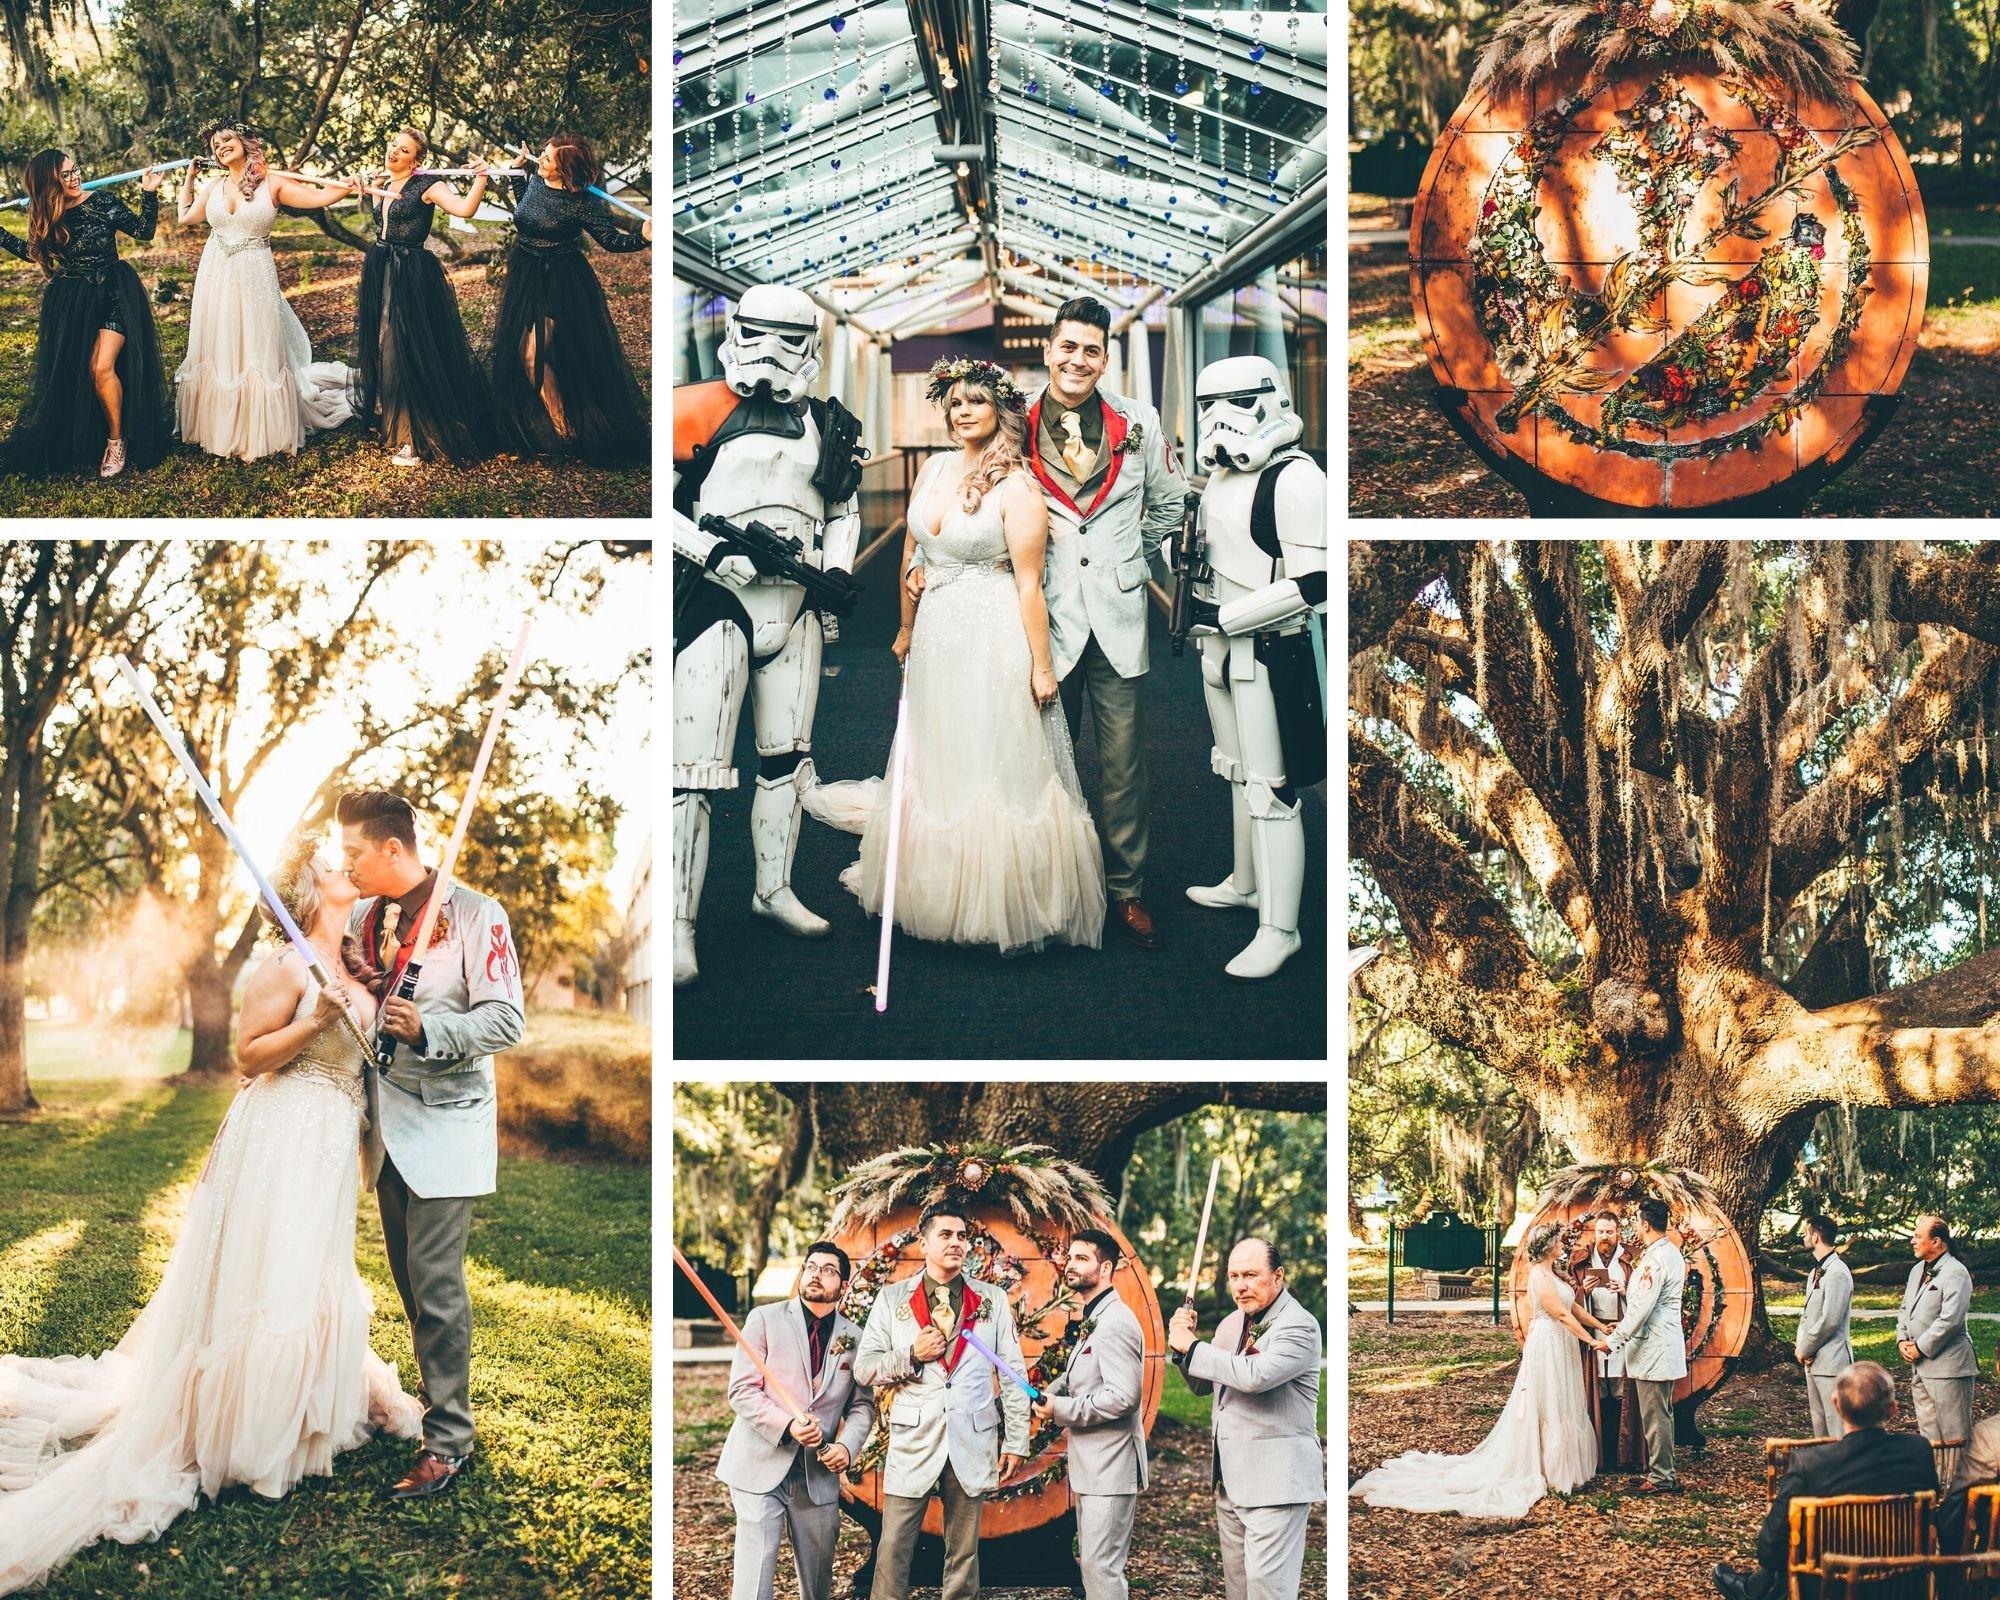 orlandosciencecenter-starwars-wedding